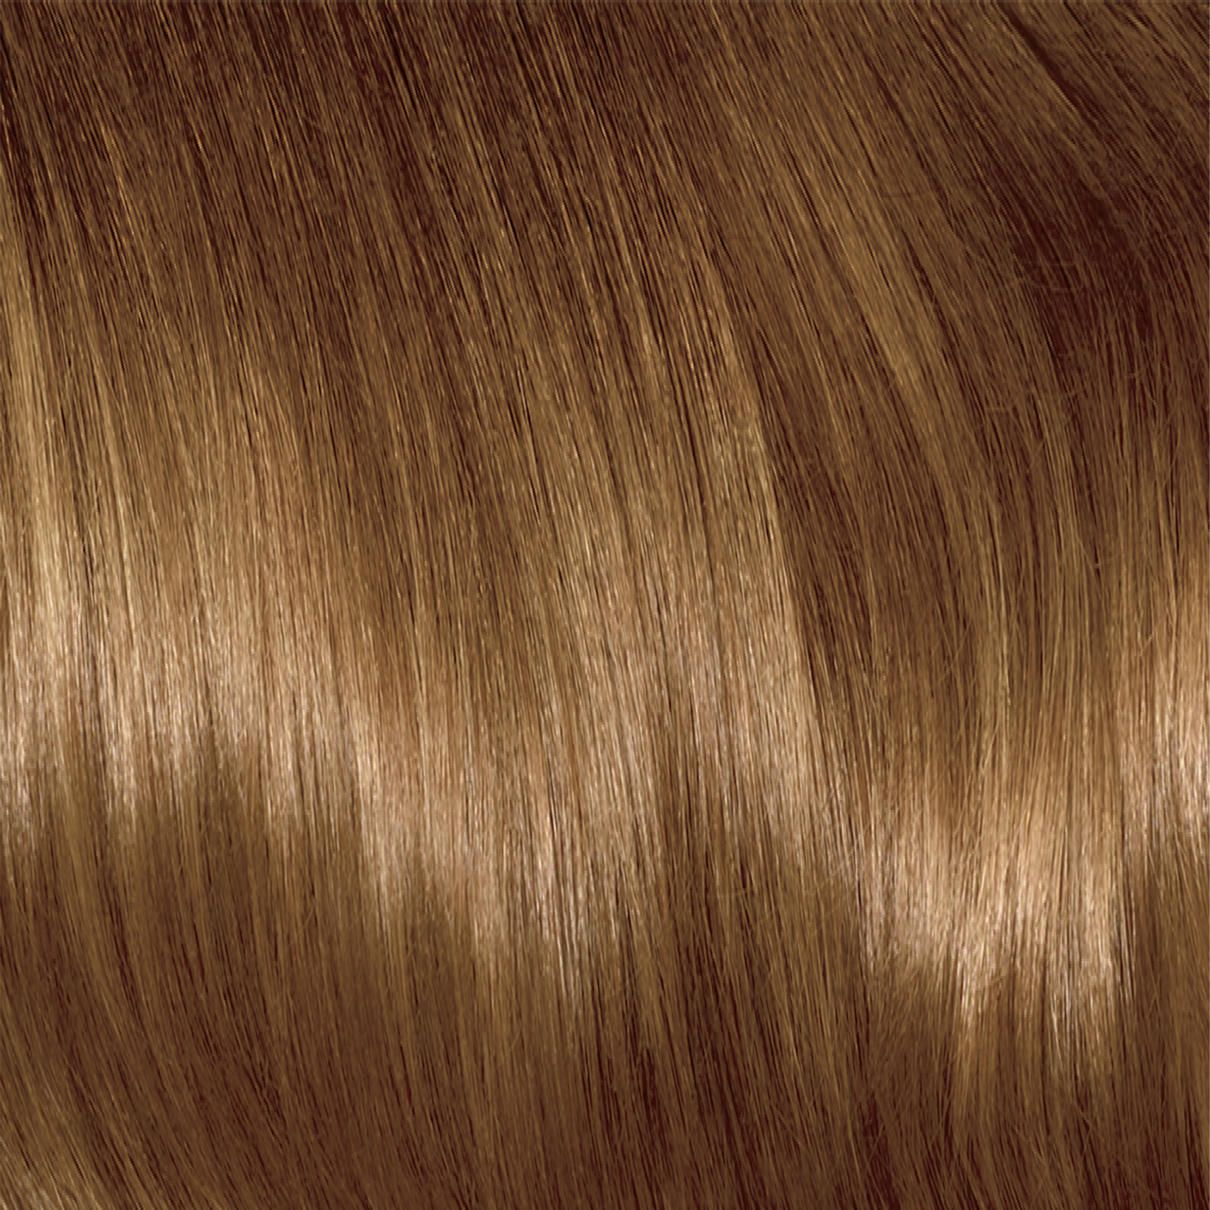 Keune 5 23 Light Cocoa Brown 20vol On Base Keune 8 32 Light Beige Blonde 30vol Cream Bleach 40vol Hand Painted Through Lengths Haar Kapsels Haarkleur